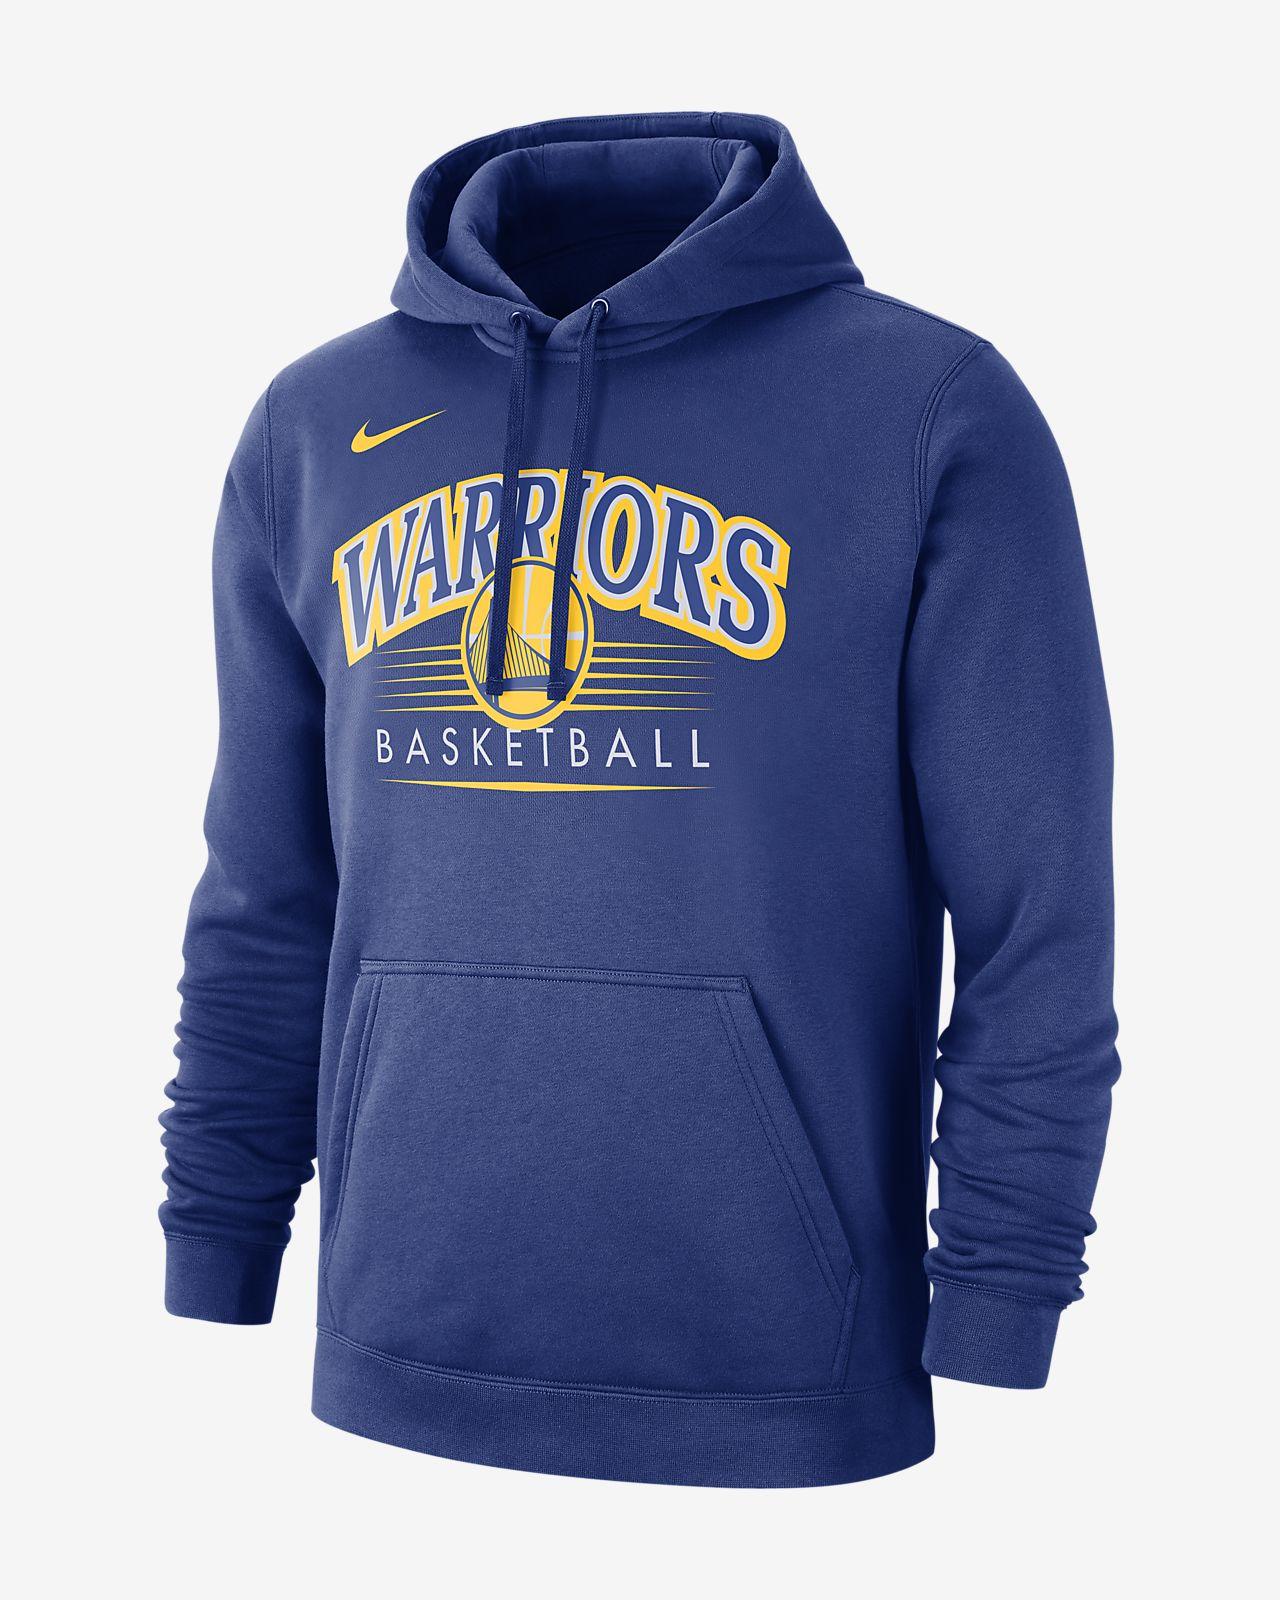 Ανδρική μπλούζα με κουκούλα NBA Golden State Warriors Nike